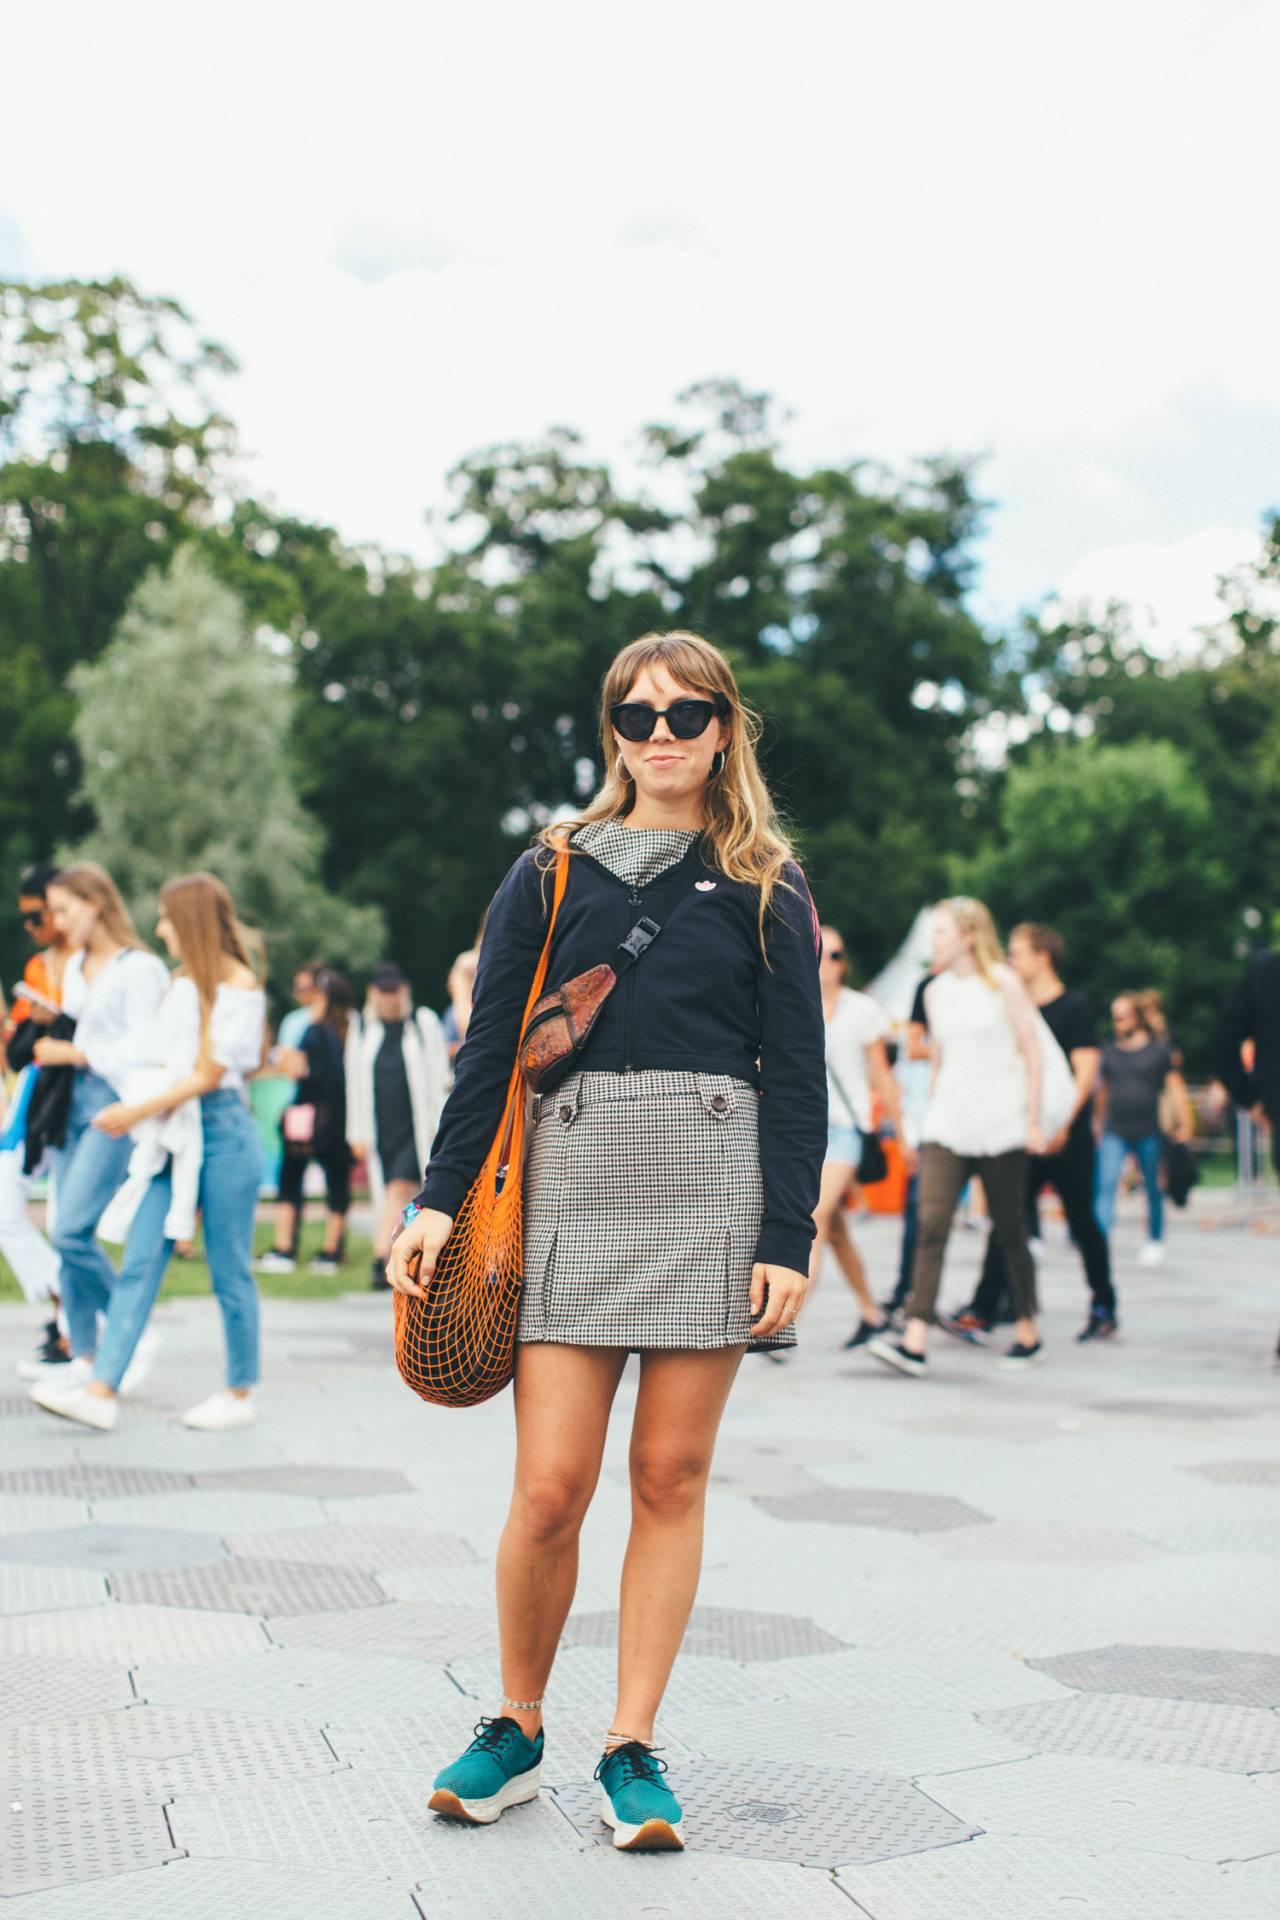 Festivaloutfit på gäst, klädd i rutig miniklänning, adidaströja, sneakers och orange nätväska..